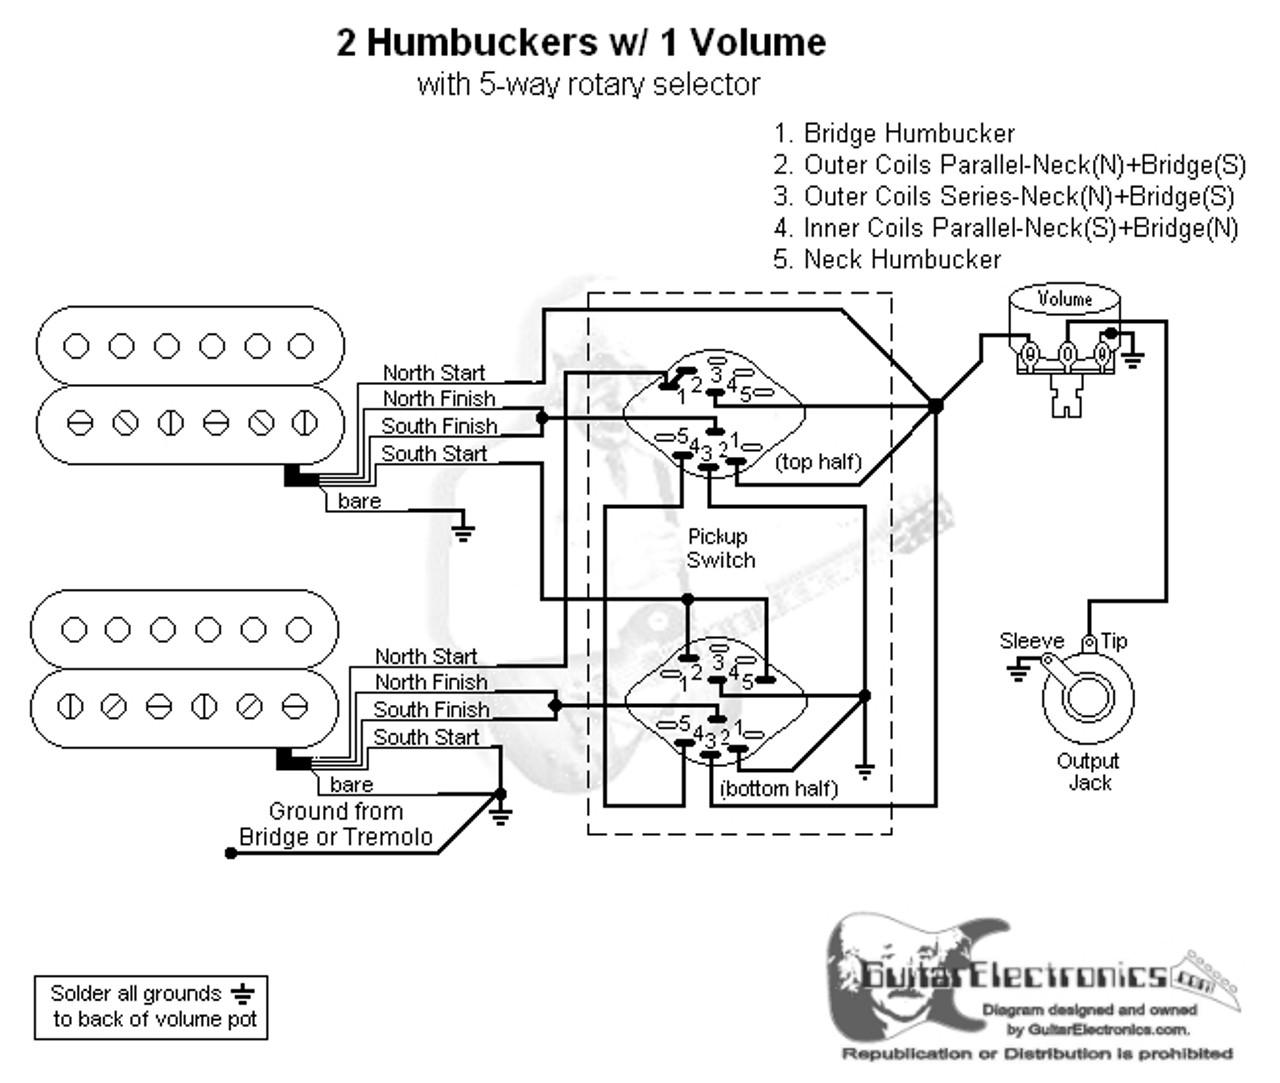 4 pole 3 way rotary switch wiring diagram [ 1280 x 1083 Pixel ]